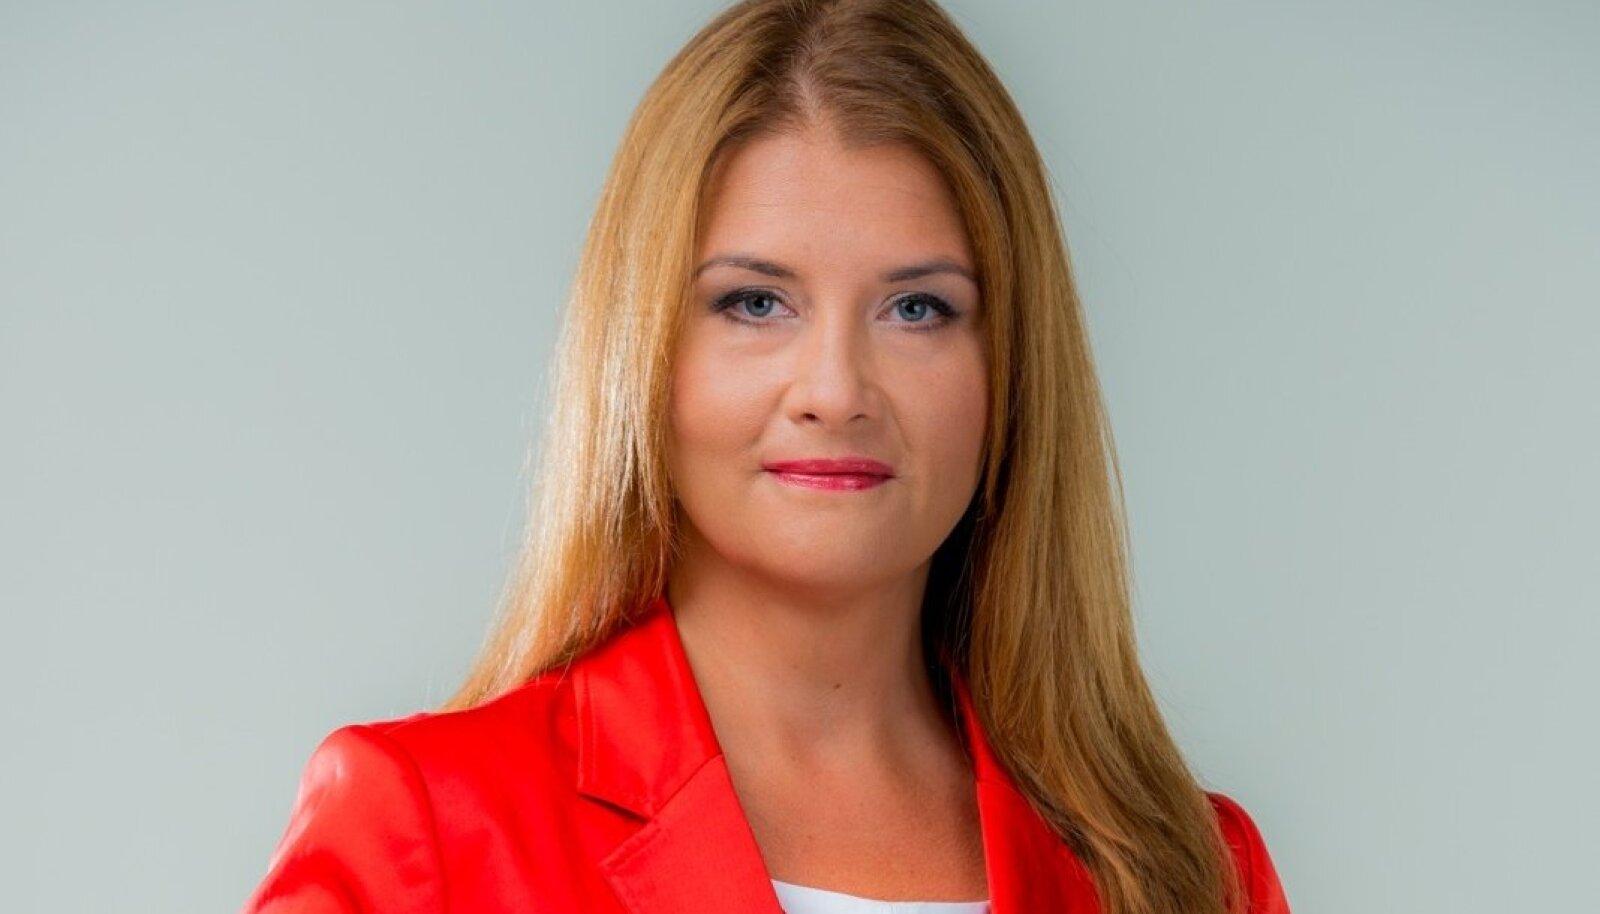 SAAGE TUTTAVAKS: Hariduselt ja varasemalt töölt jurist, sai Liisa Oviir ettevõtlusministriks 2015. aasta septembris. Kuulub Sotsiaaldemokraatlikku erakonda.